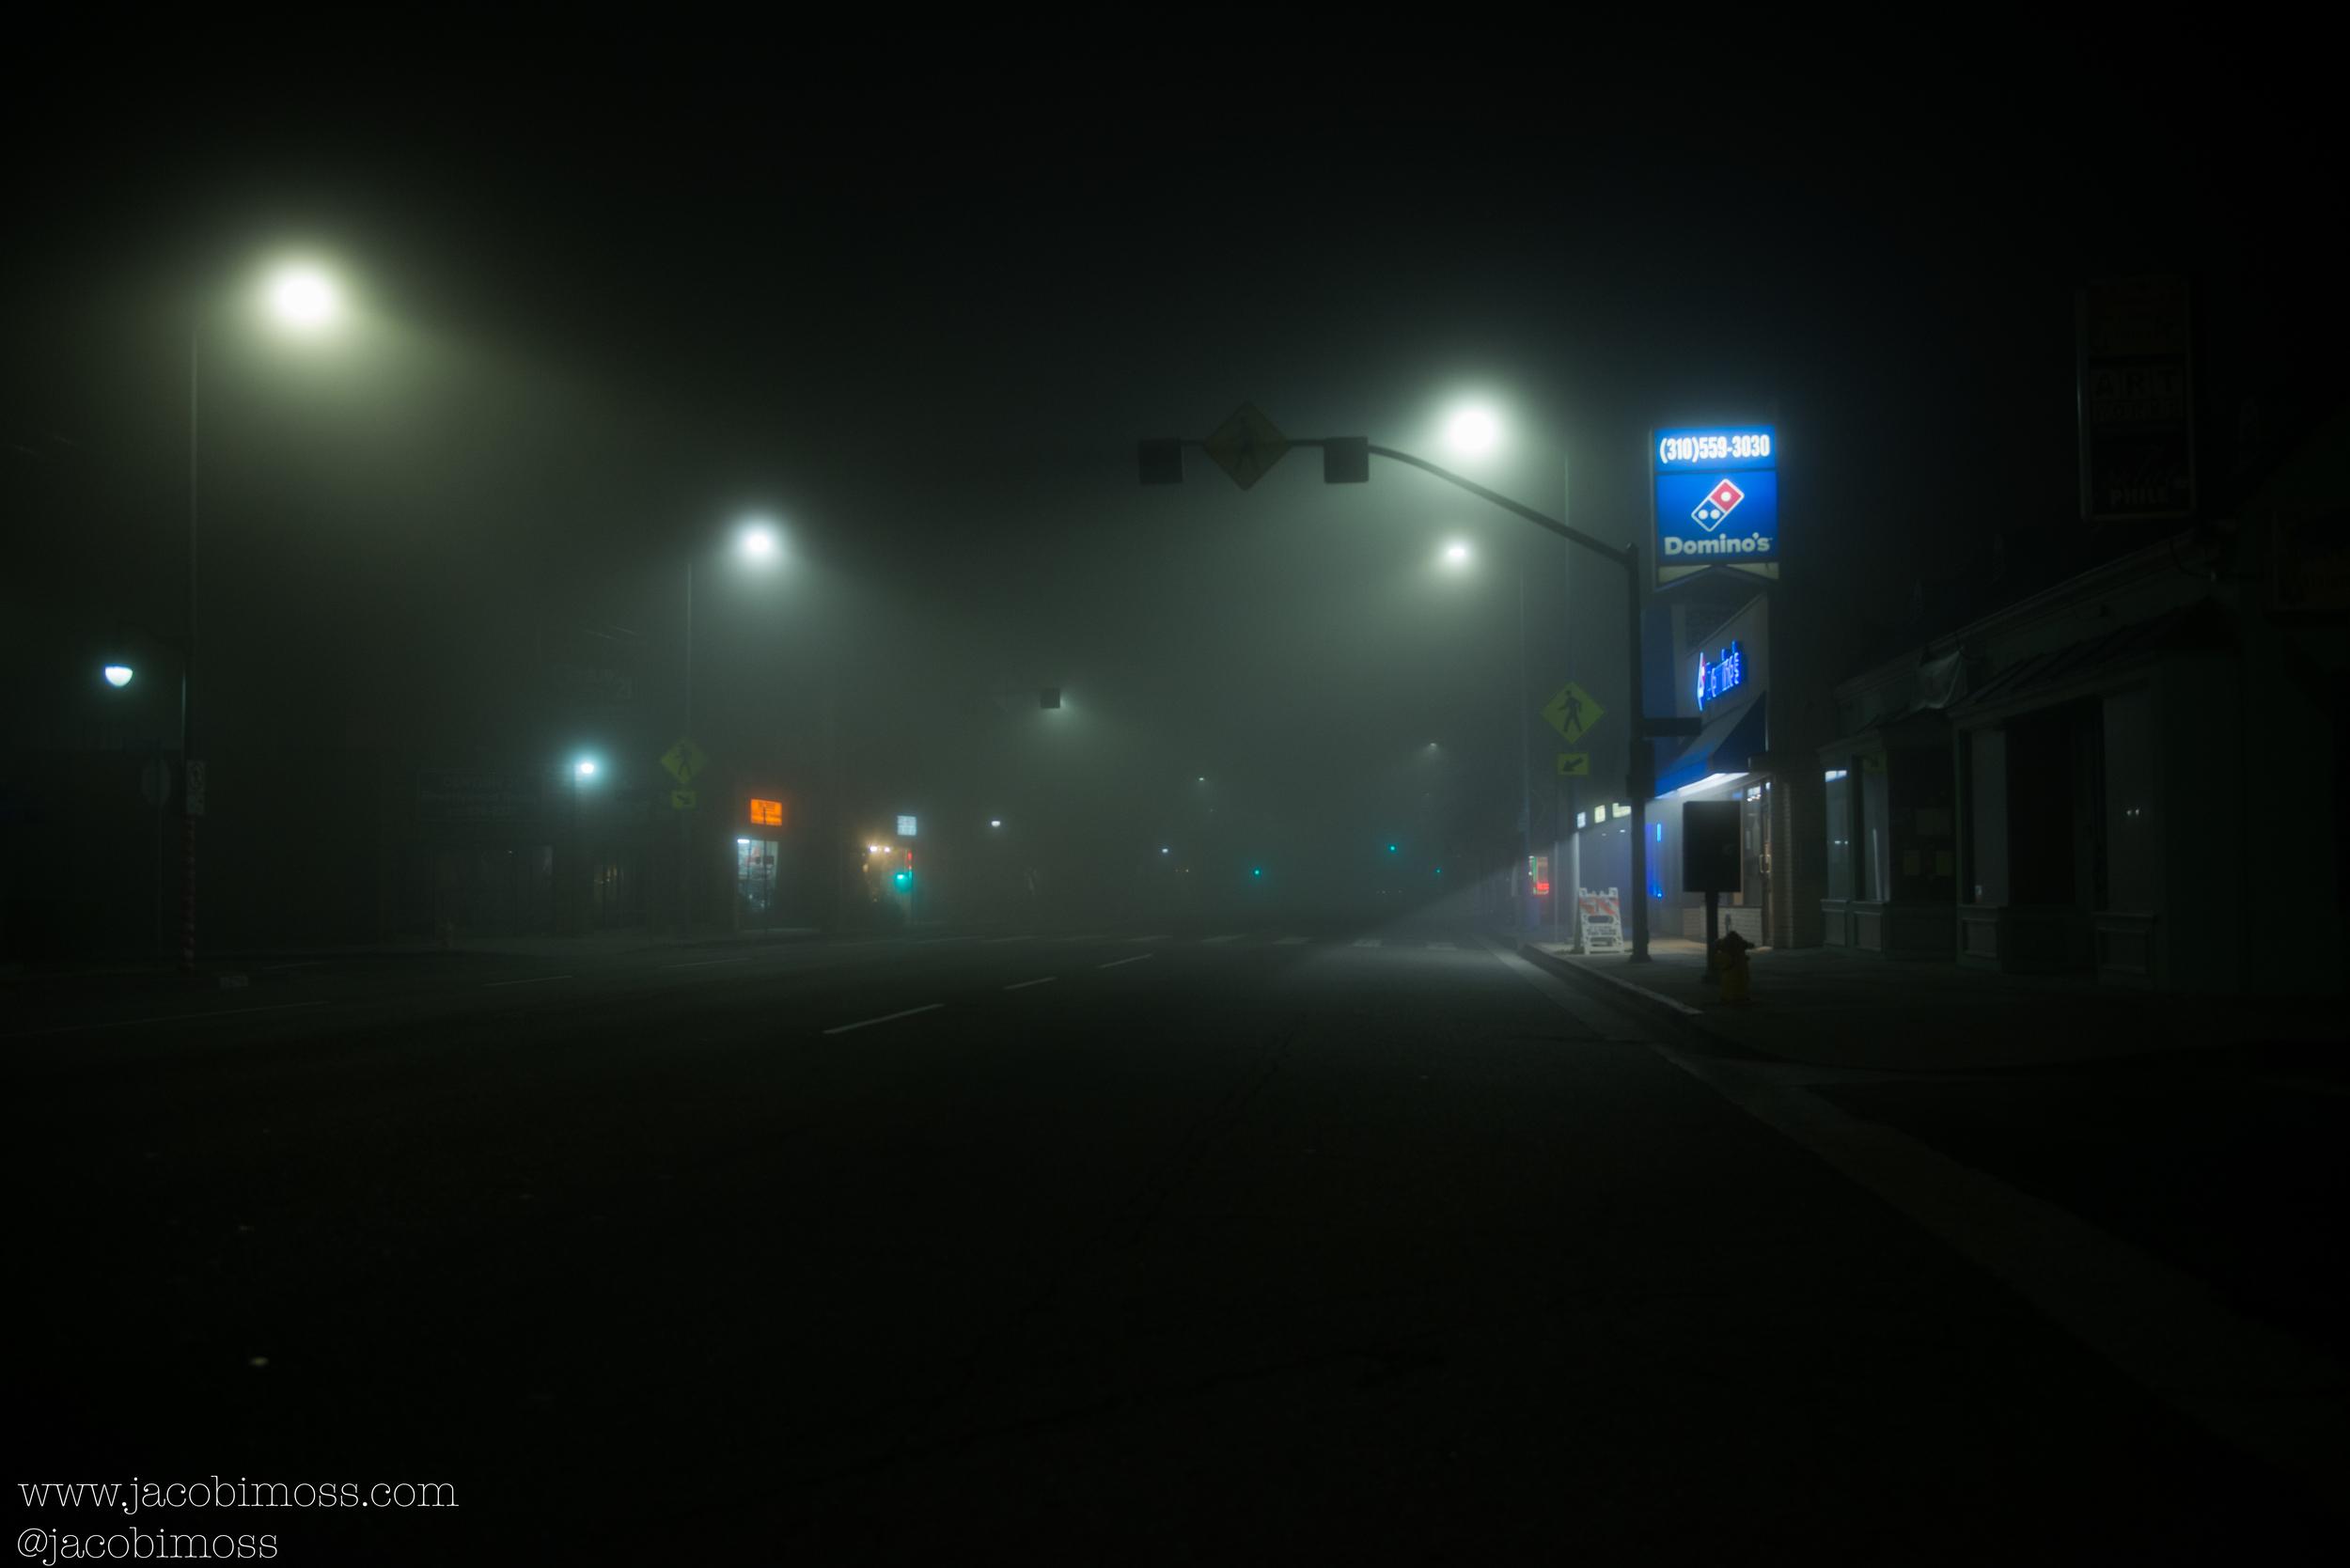 Dominos-8718.jpg